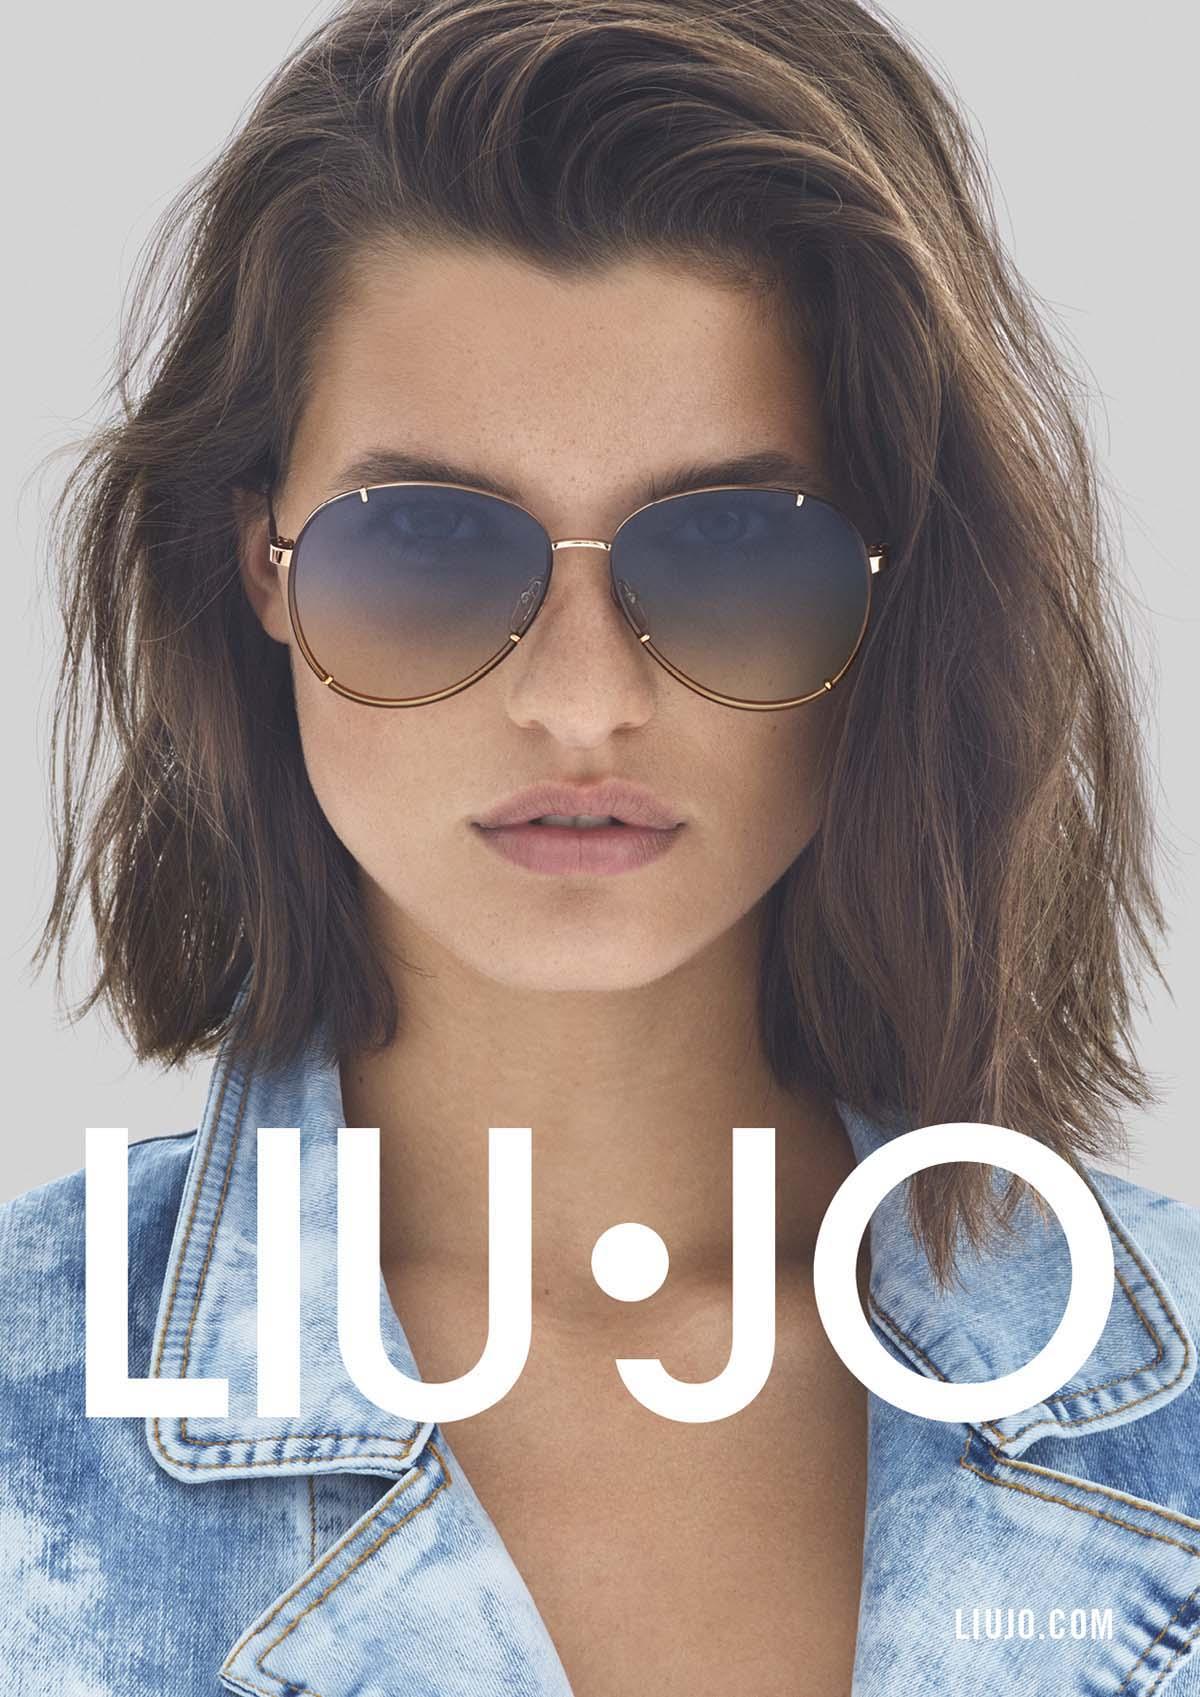 Liu Jo Gafas de sol Mujer descuento hasta 54% + 15%